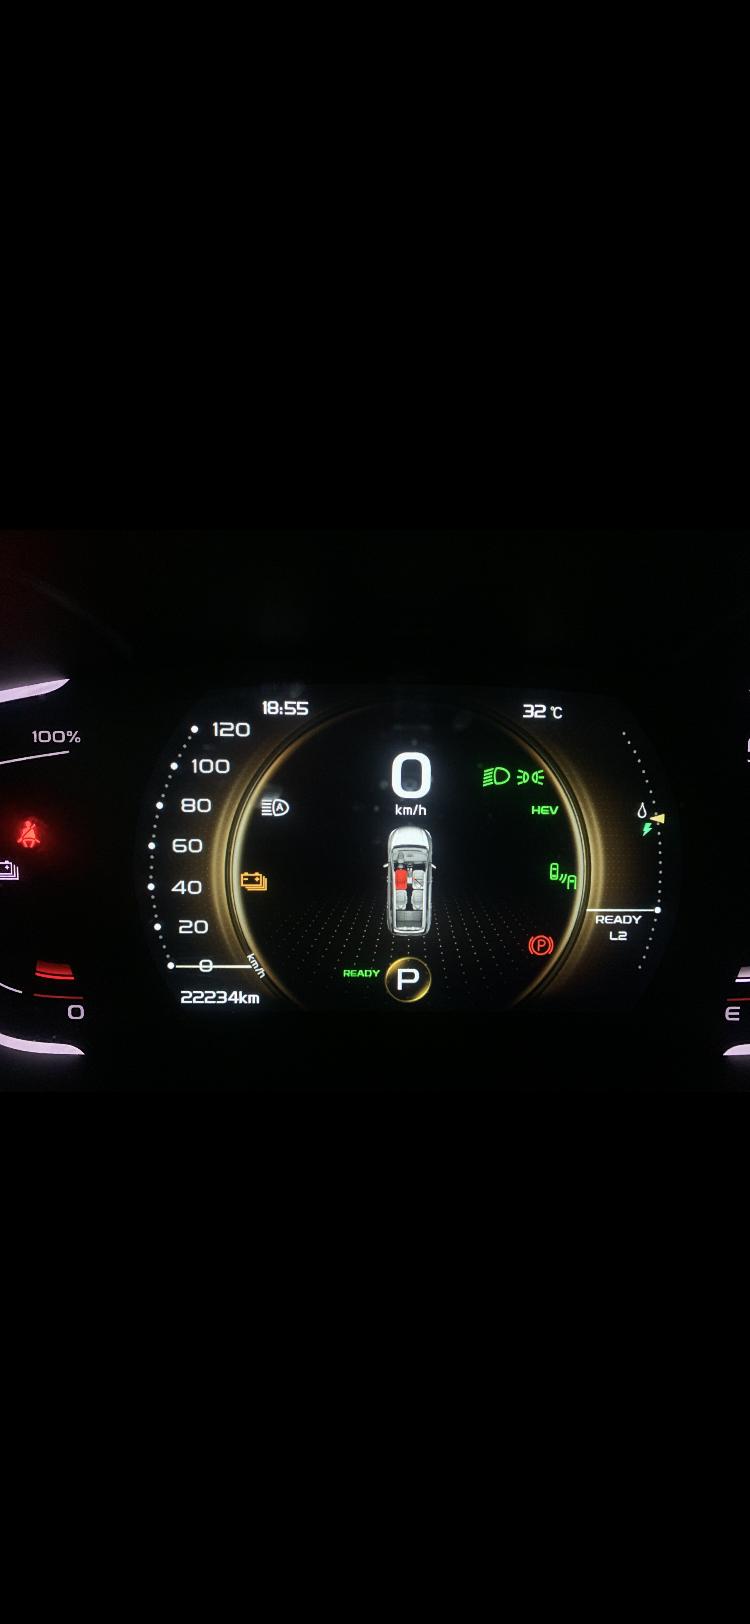 吉利汽车-嘉际新能源4S店不兑现合同给予车辆补贴的承诺